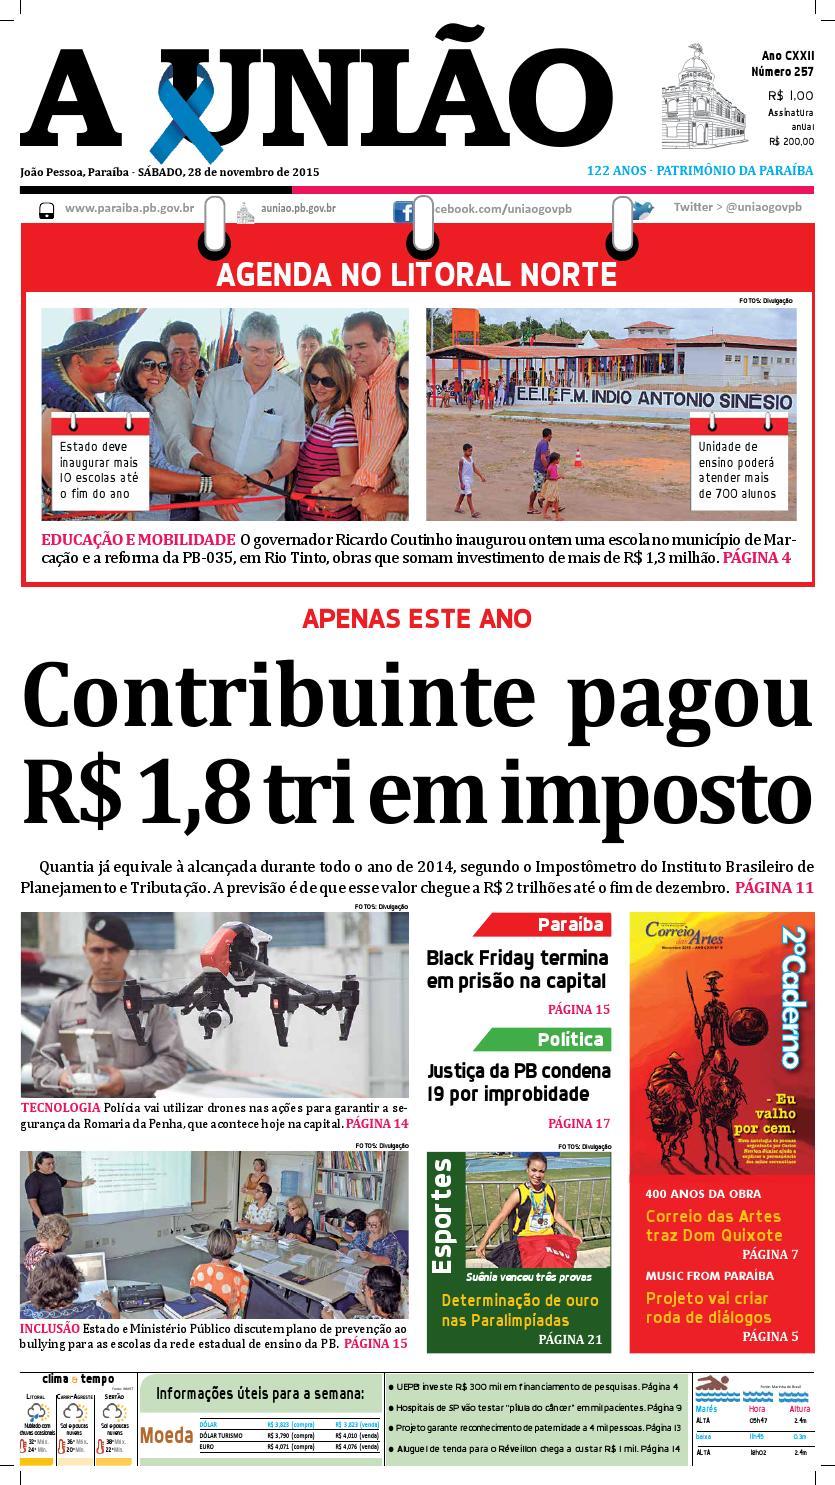 d2f5b2567f4 Jornal A União - 28 11 2015 by Jornal A União - issuu